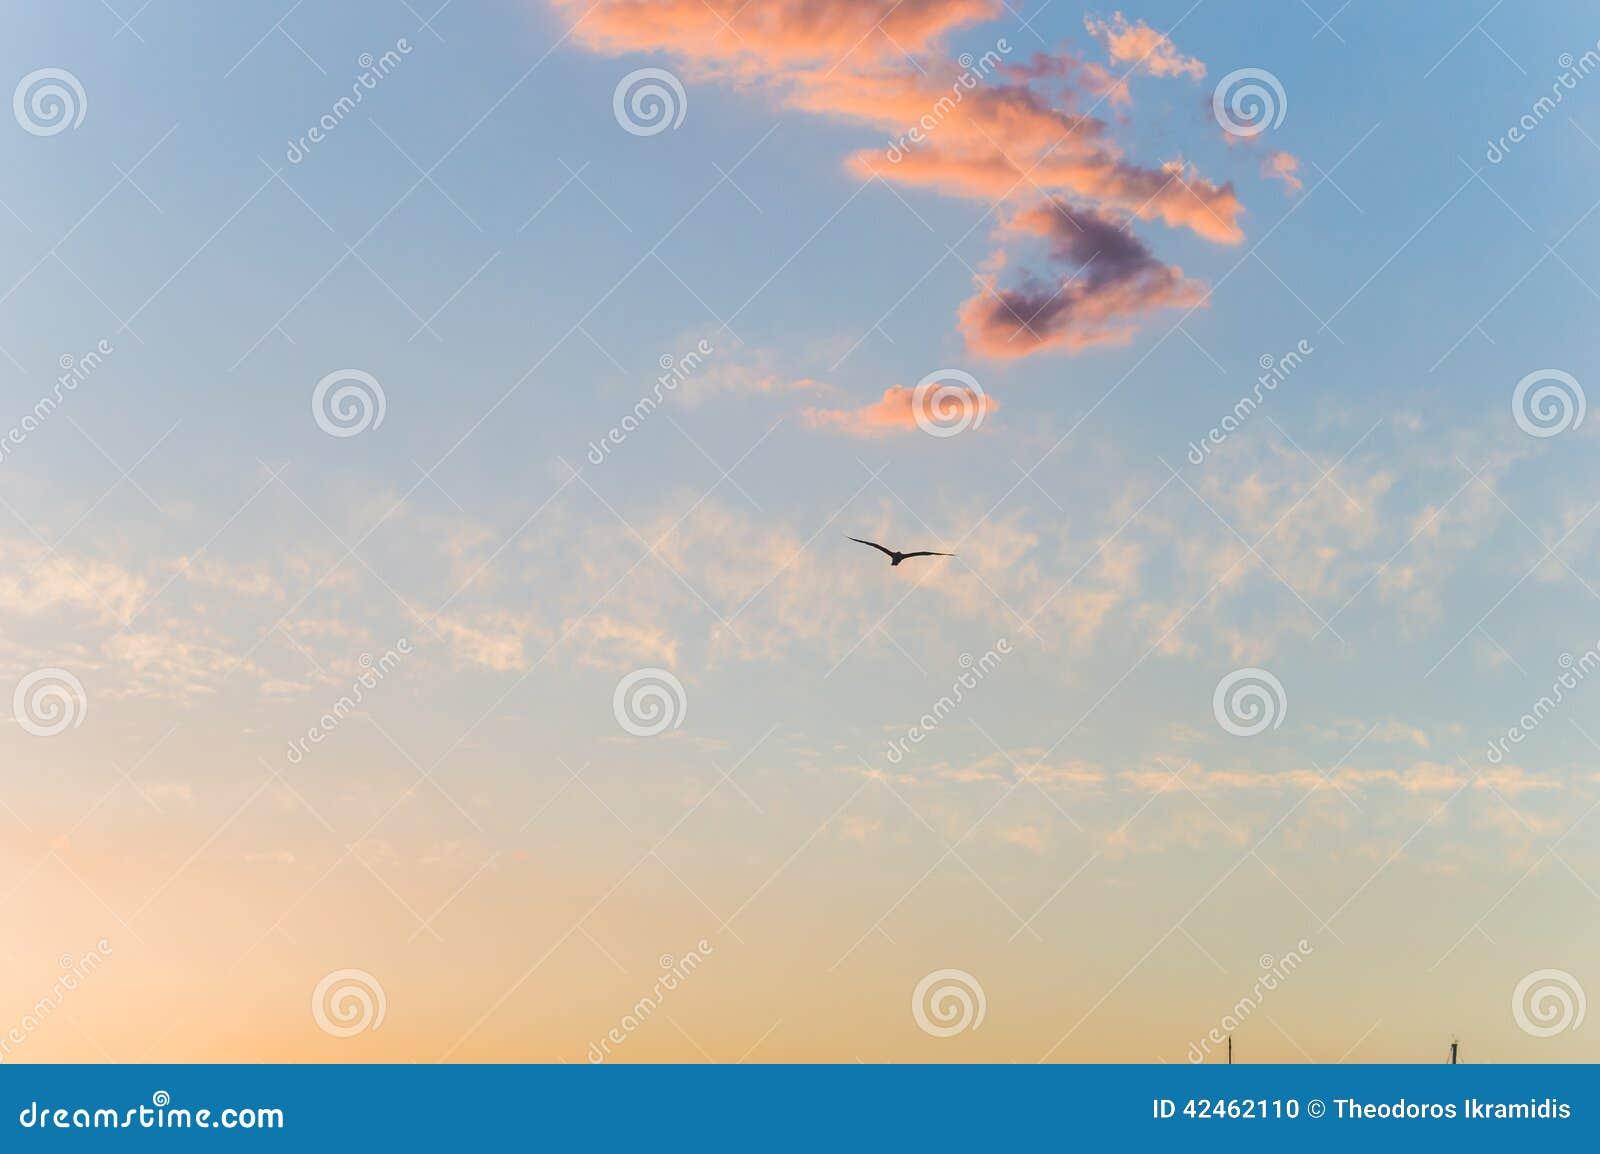 Seemöwe in der Luft